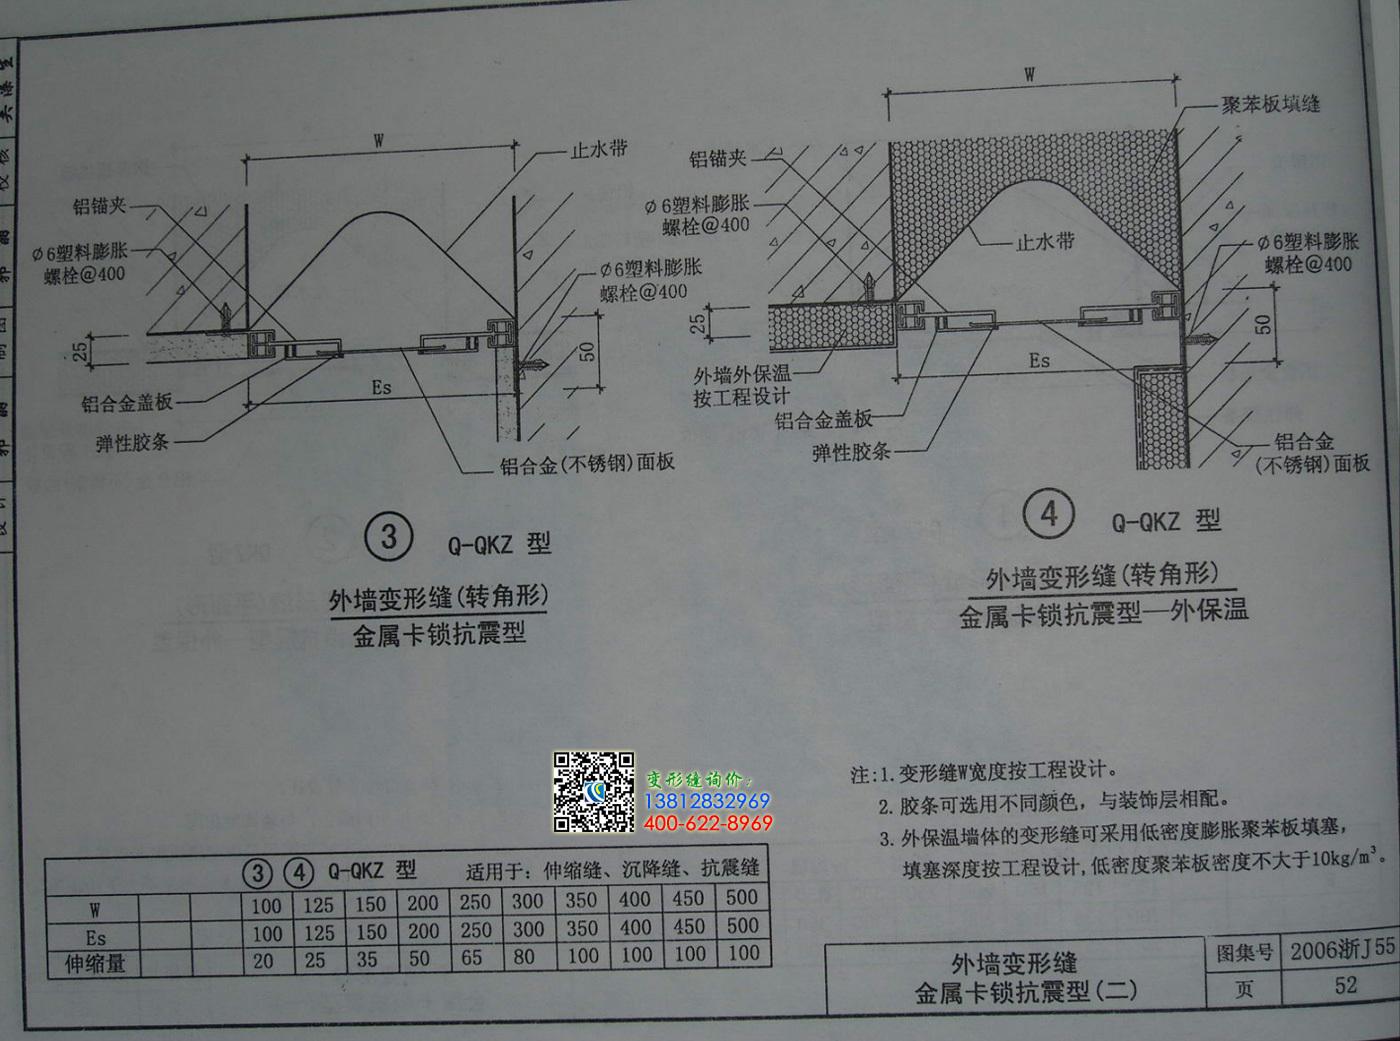 2006浙j55外墙变形缝金属卡锁抗震型(二)